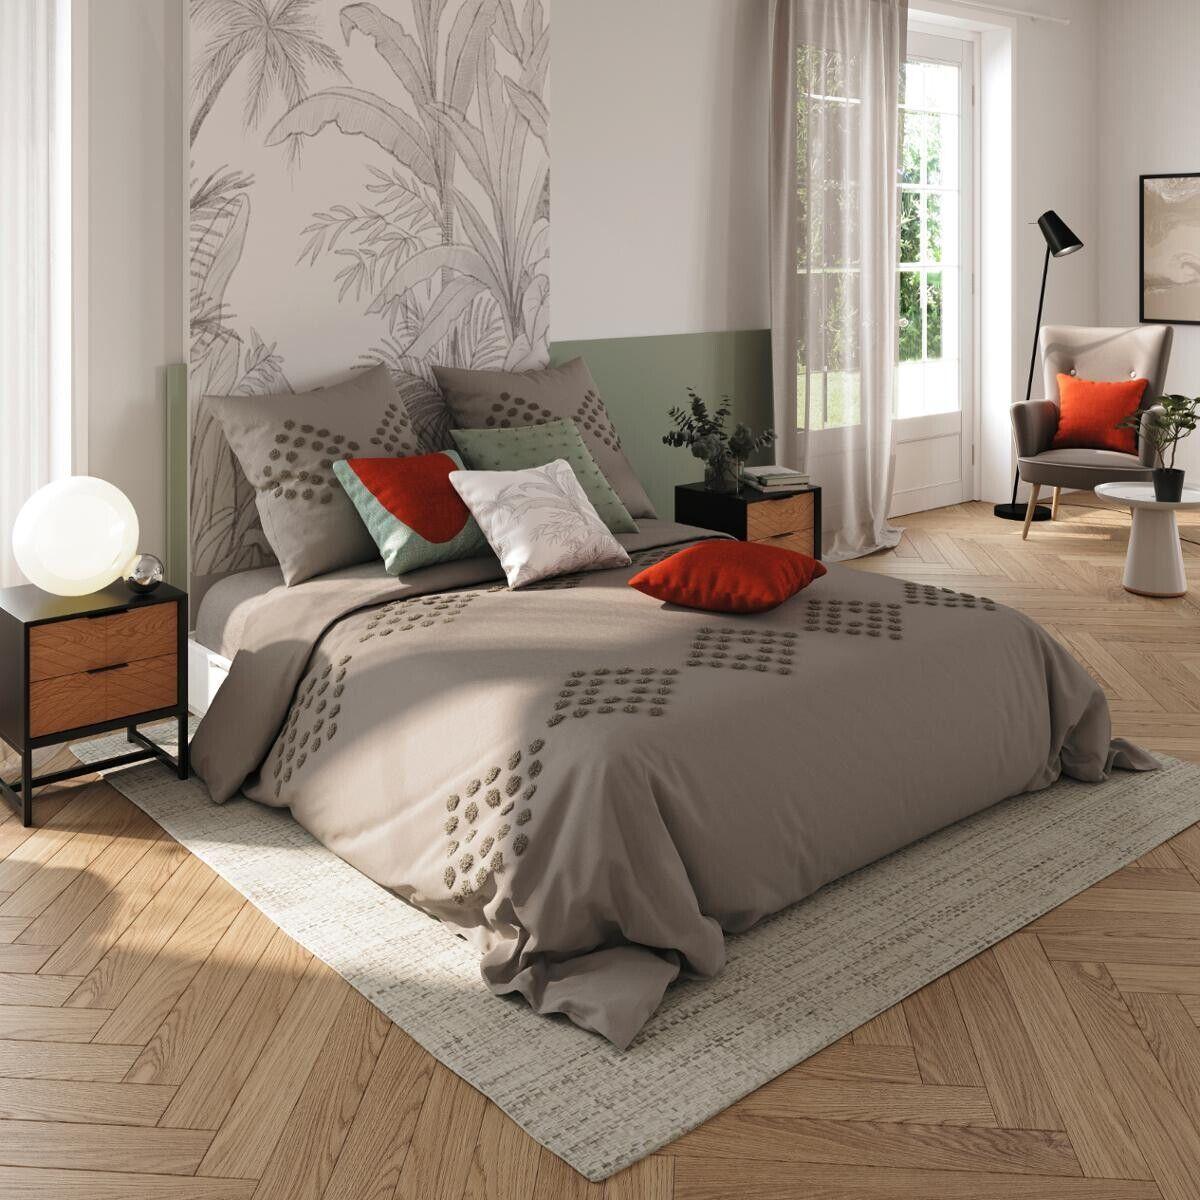 Atmosphera Parure de lit en coton lavé tufté, gris 240x220 cm DTE_2021 Unisexe